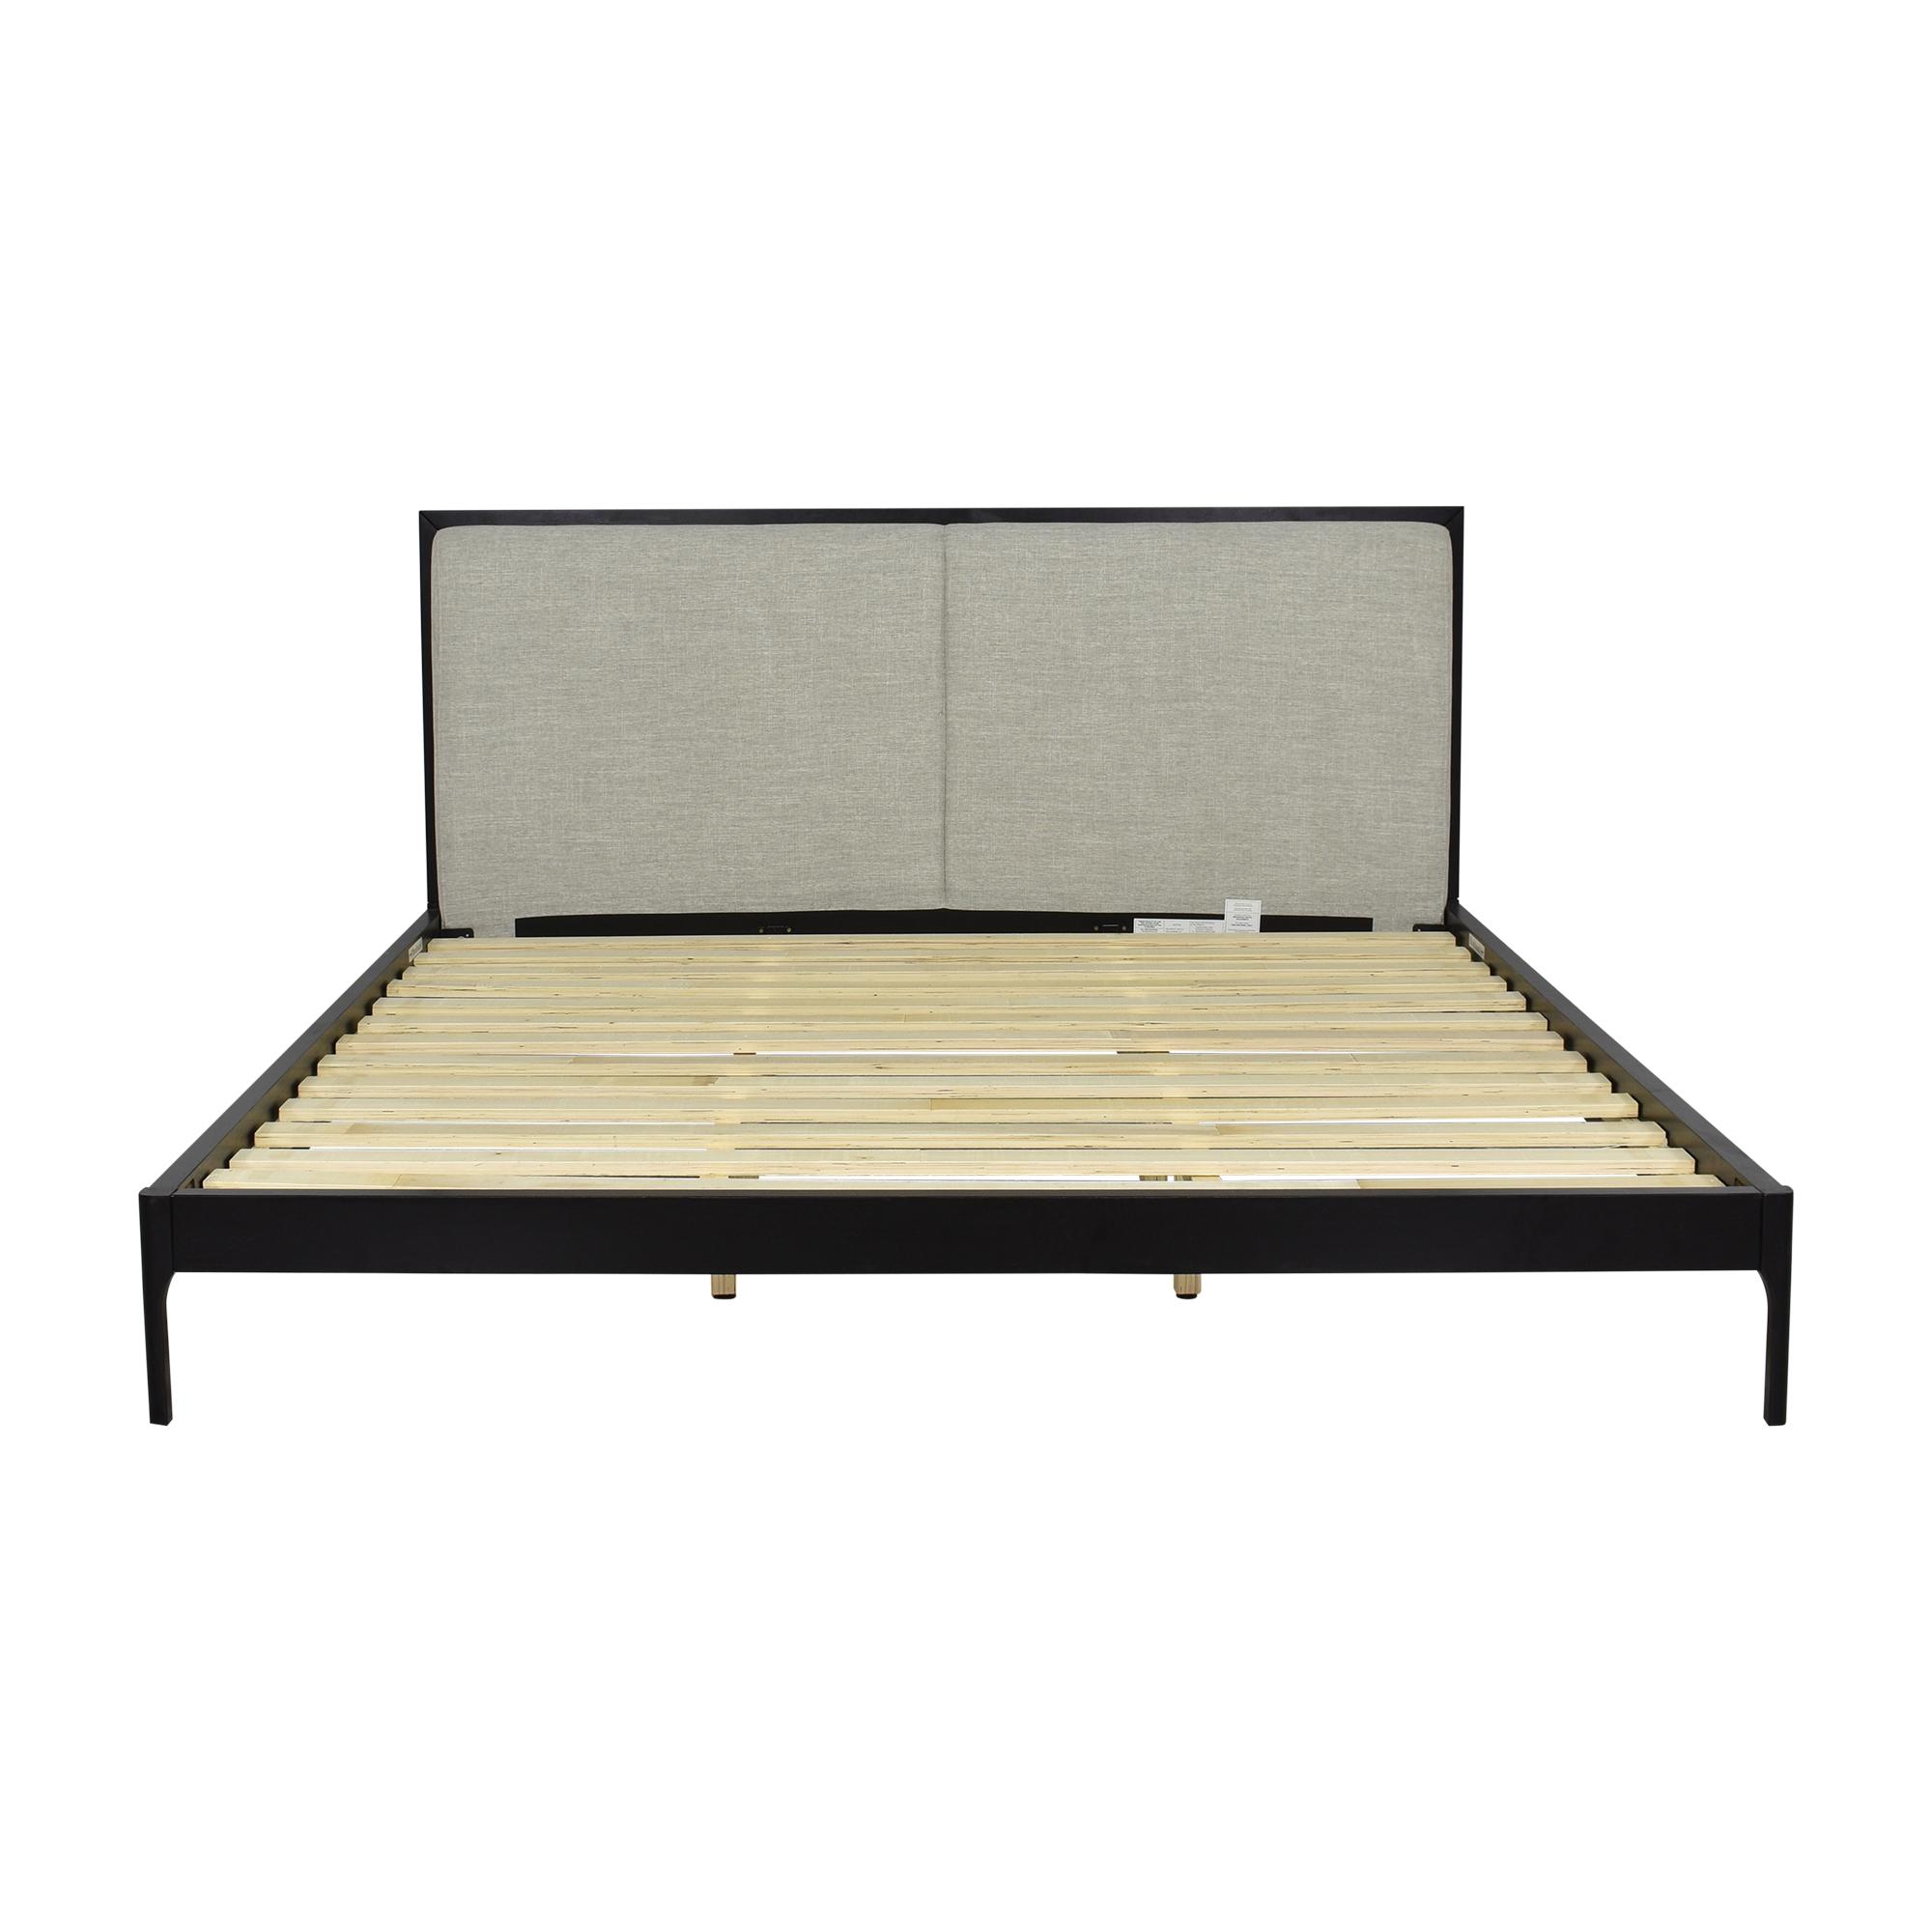 AllModern AllModern Aliasgar King Platform Bed dimensions